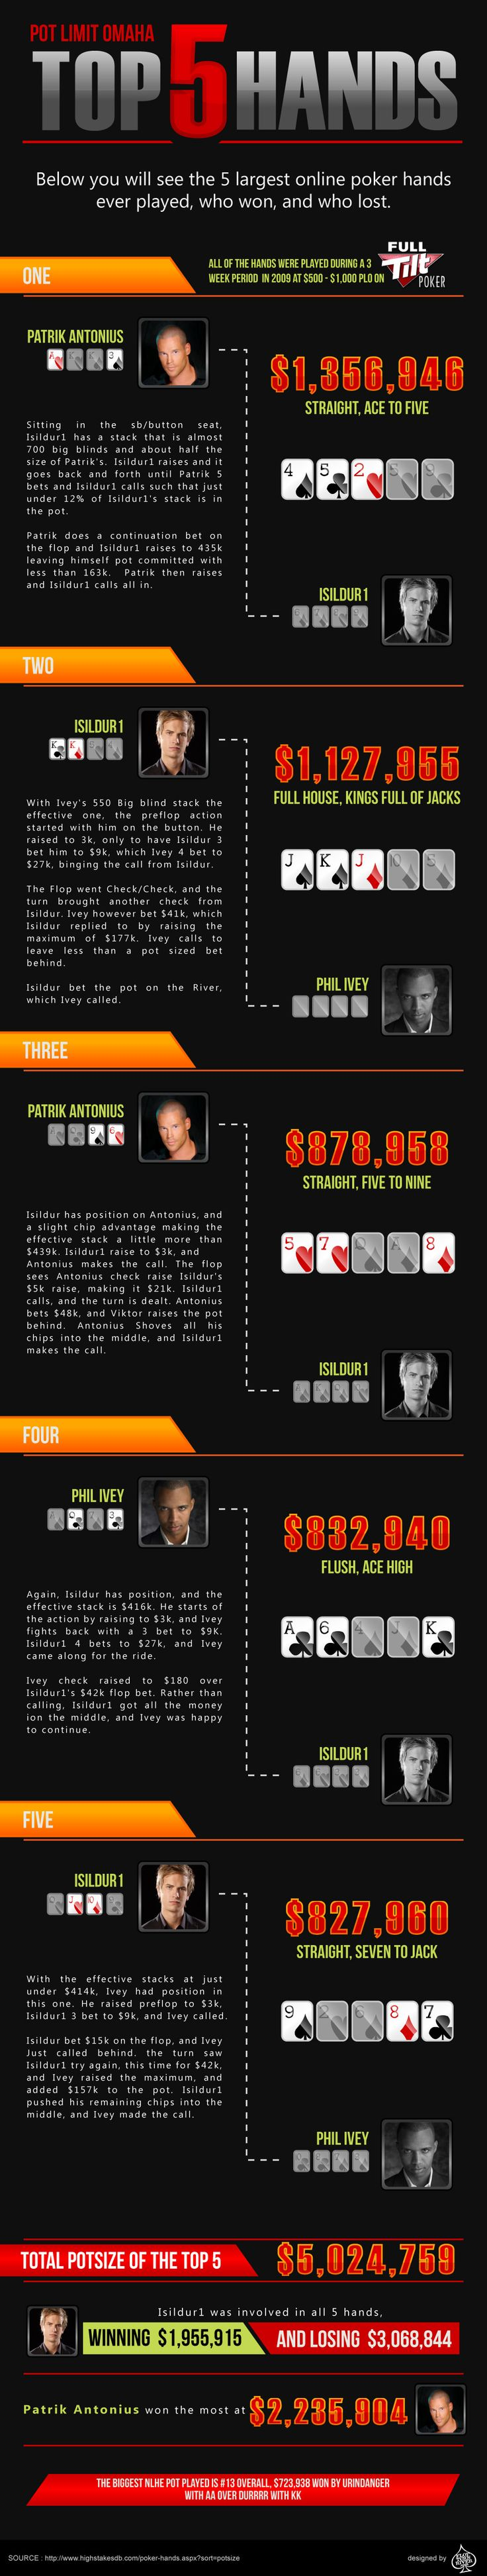 Top 5 Largest Online Poker Hands